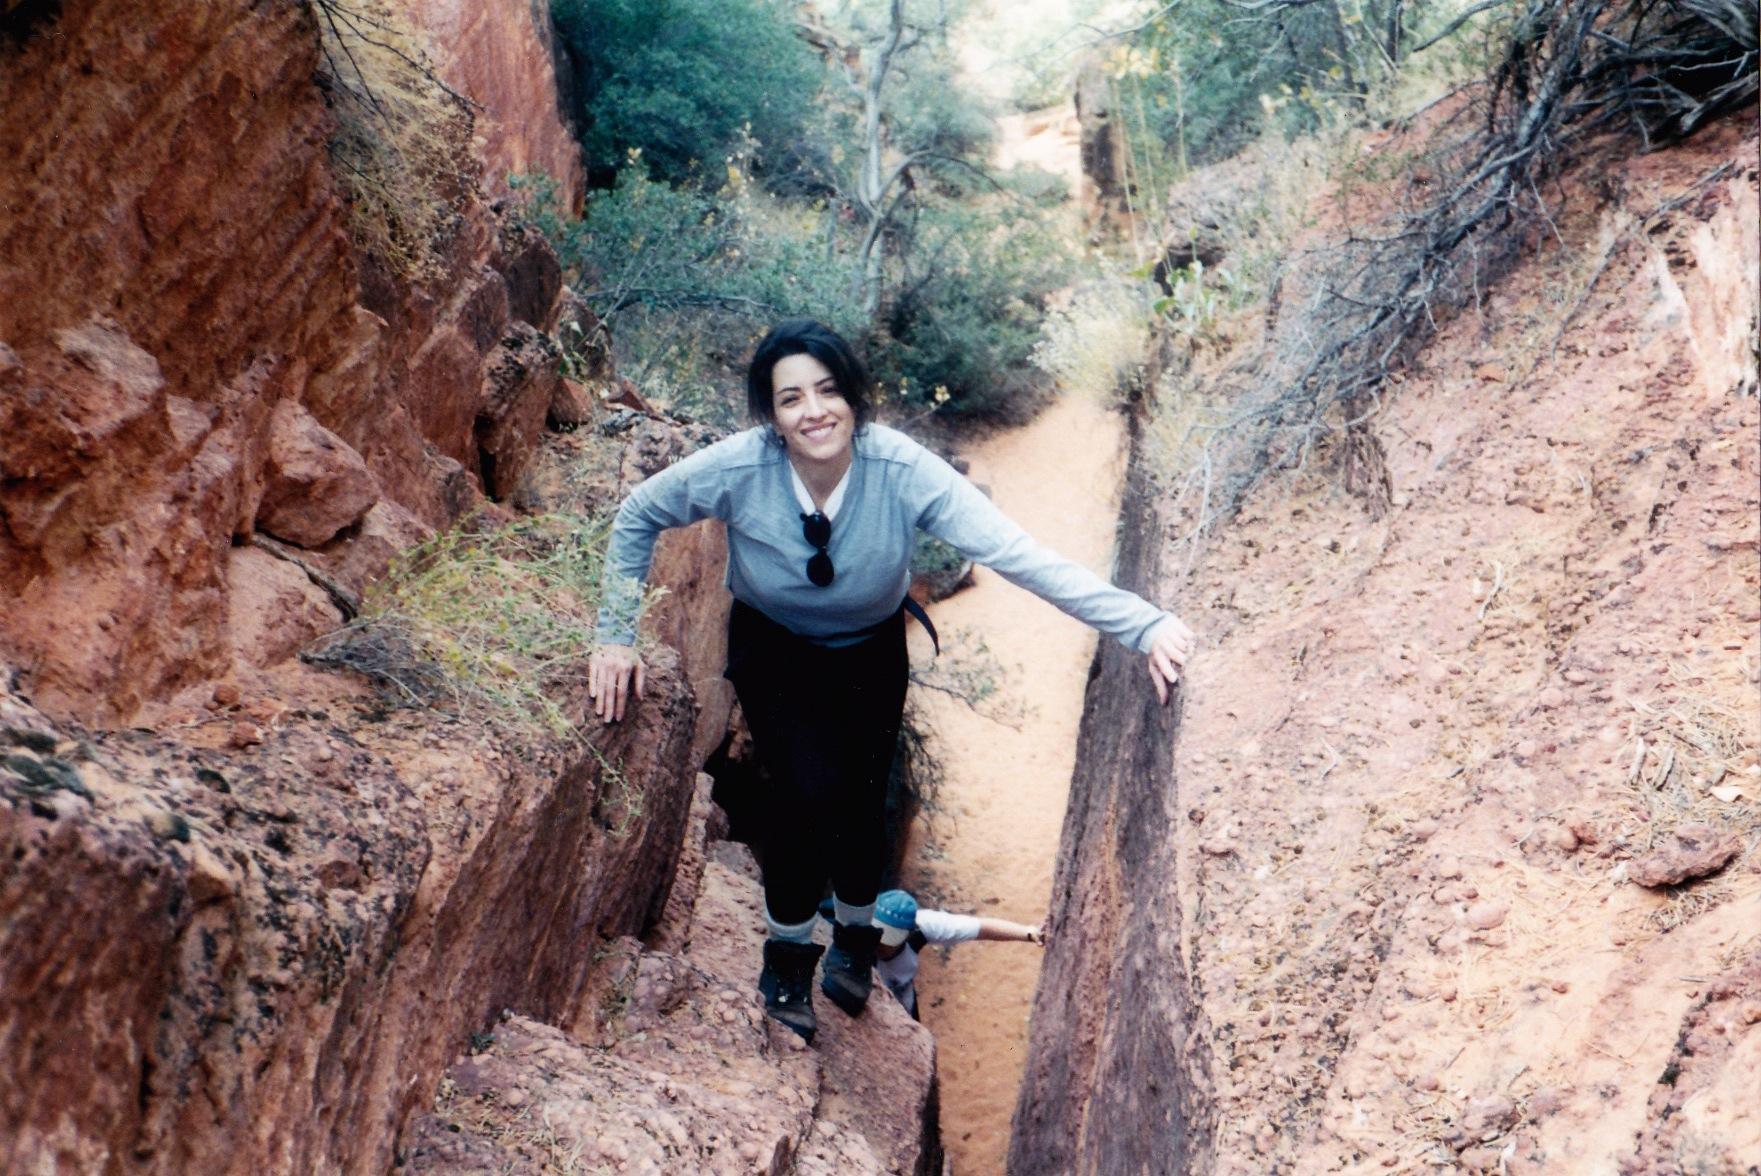 Cristina carlino family - Cristina Carlino Happily Hikes At Green Valley Hi Buddy